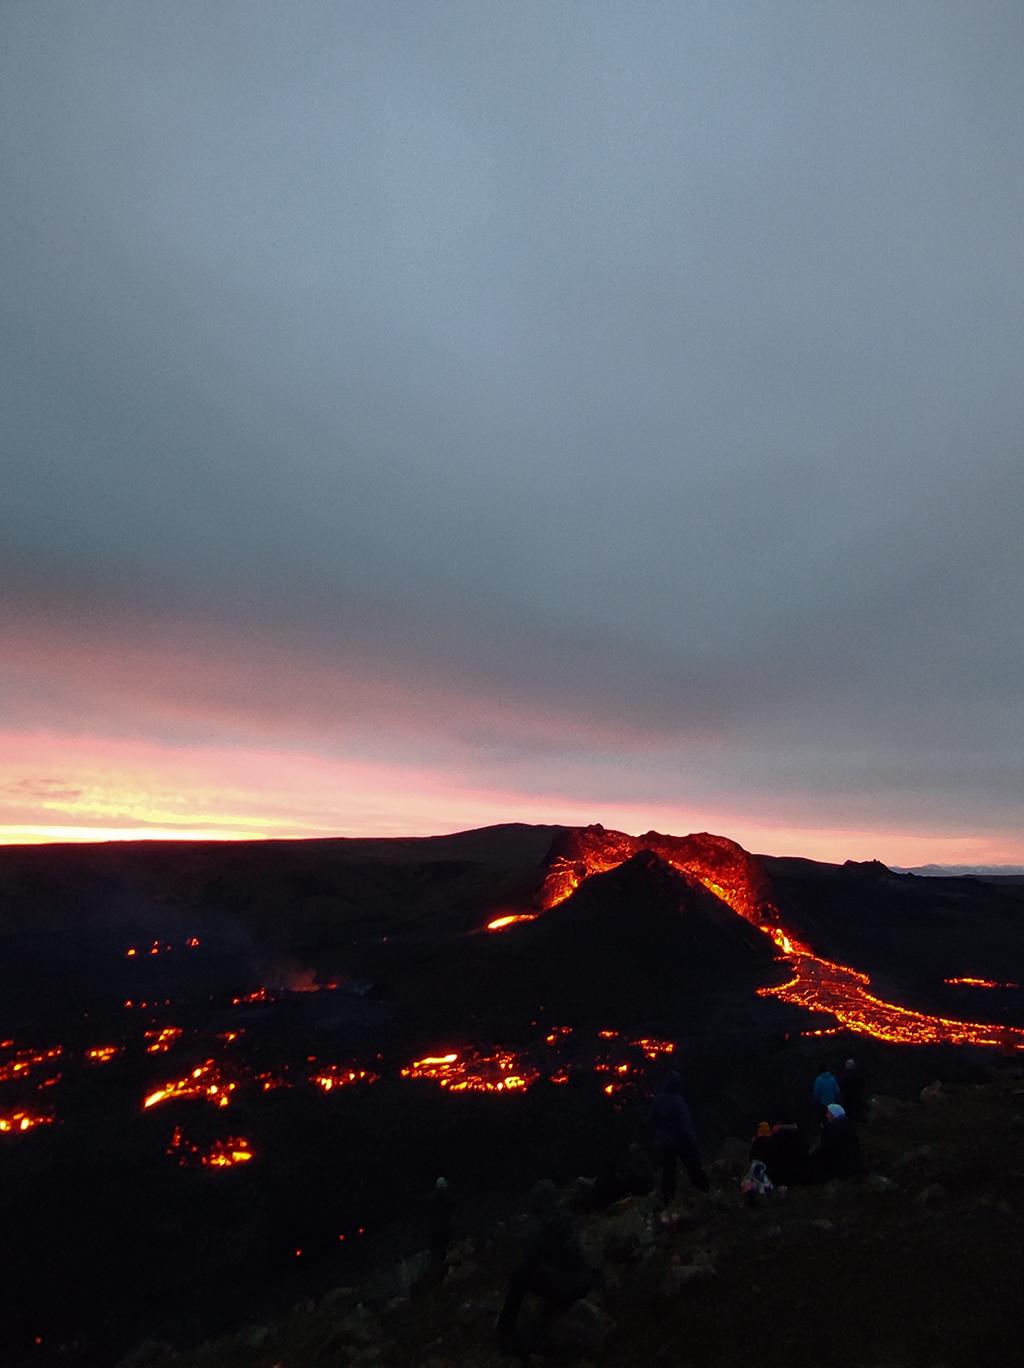 Potovanje_na_Islandijo_-_Travel_to_Iceland_-_Fagradalsfjall.jpg